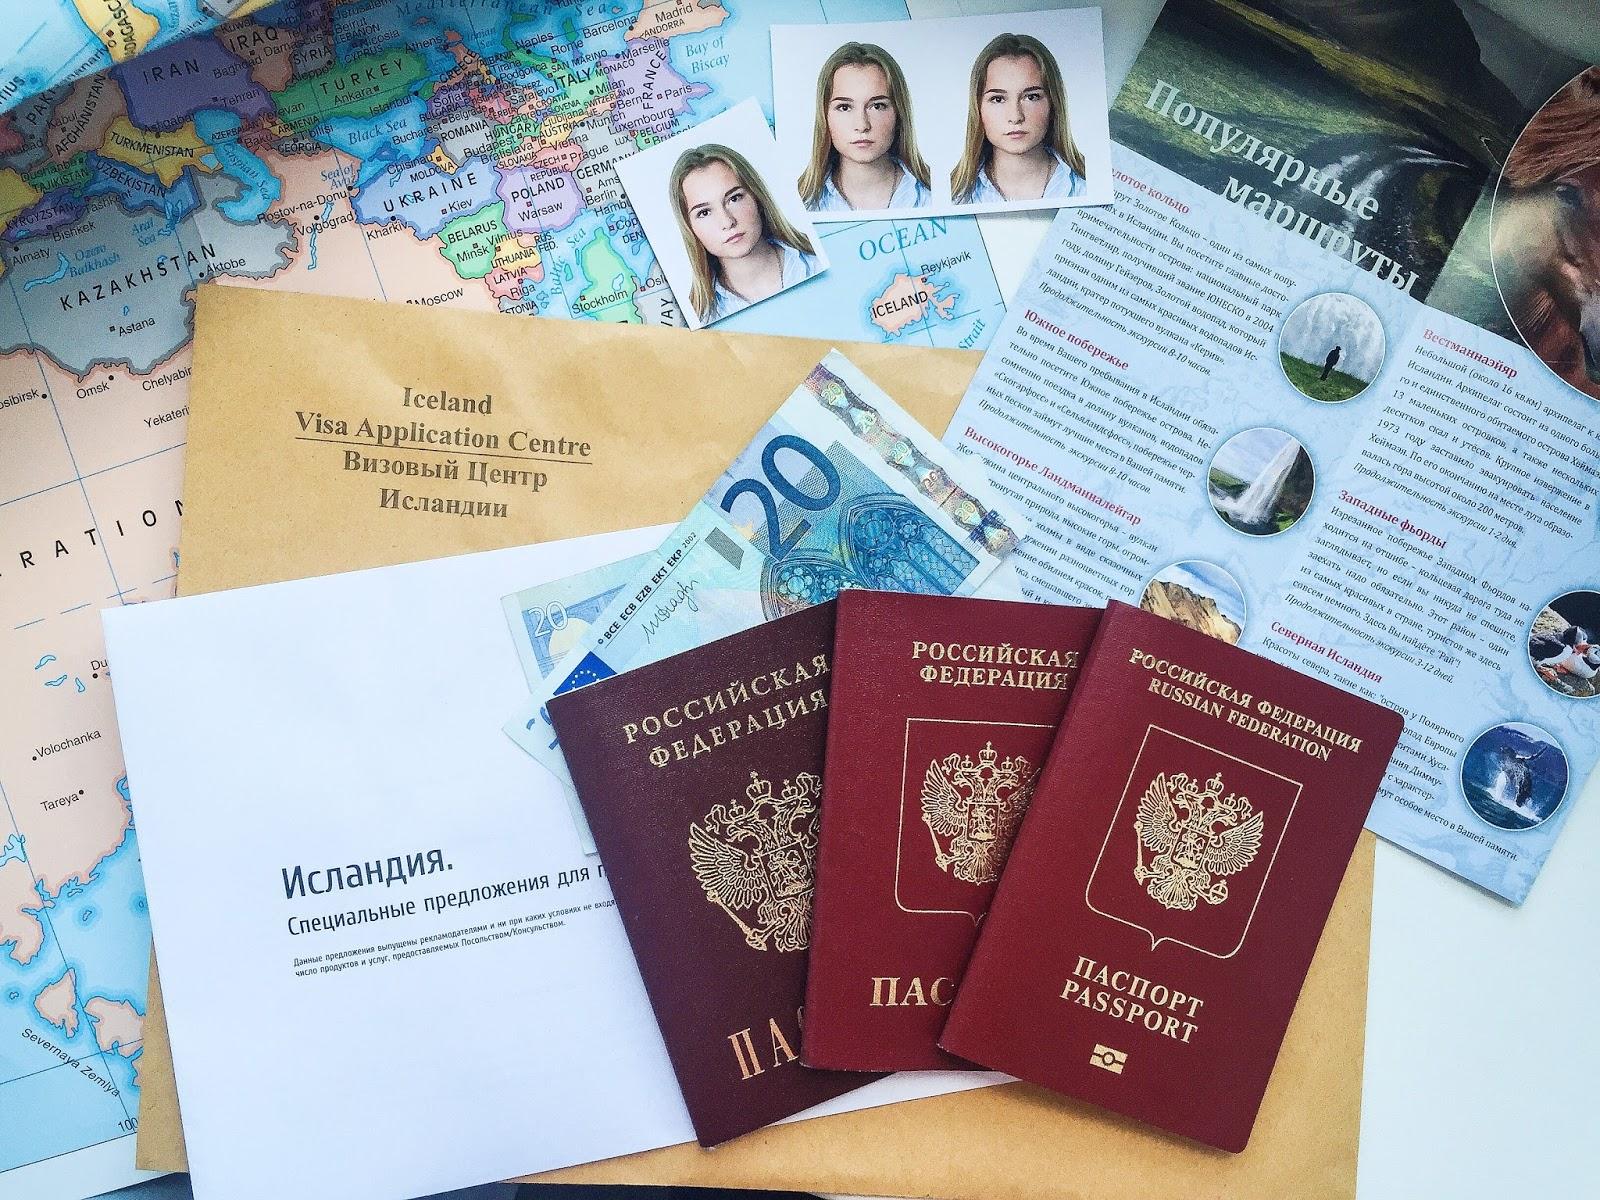 Пошаговая инструкция оформления визы в Исландию